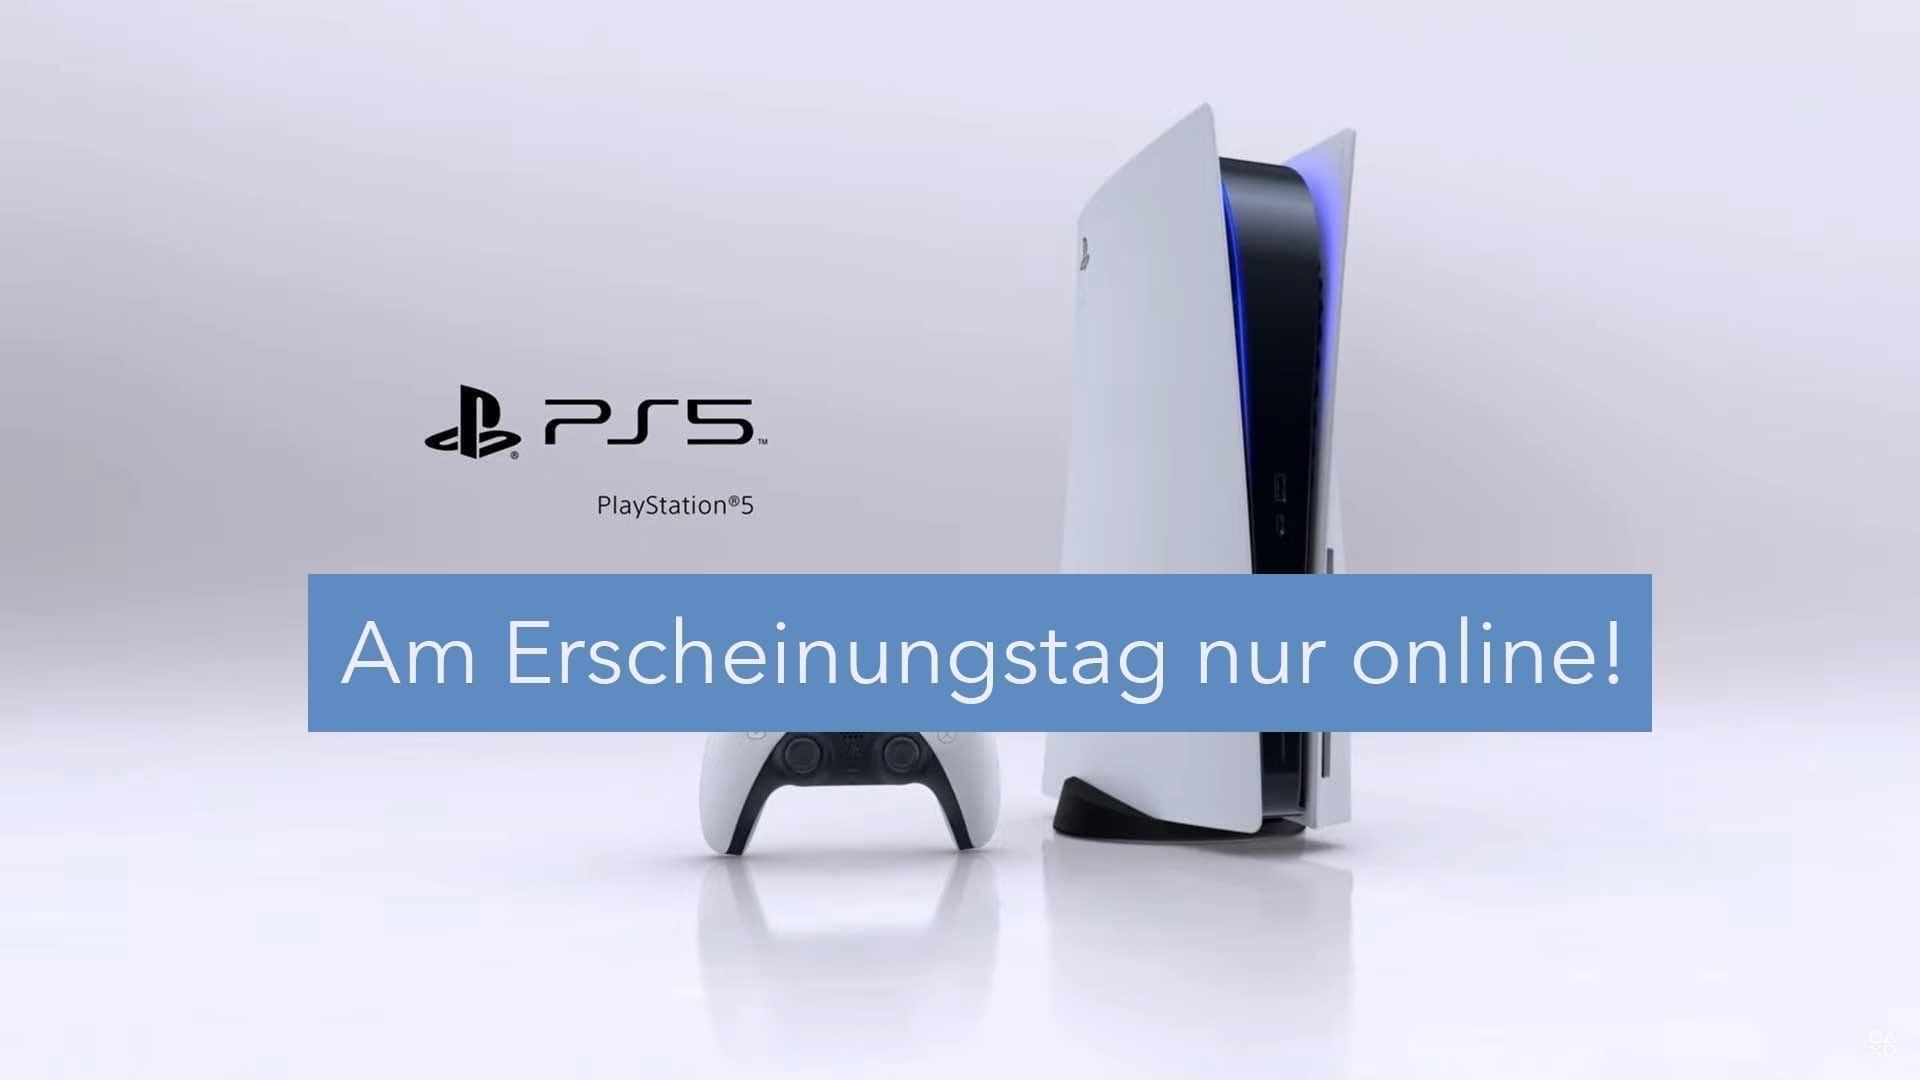 PlayStation 5 am Erscheinungstag nur online